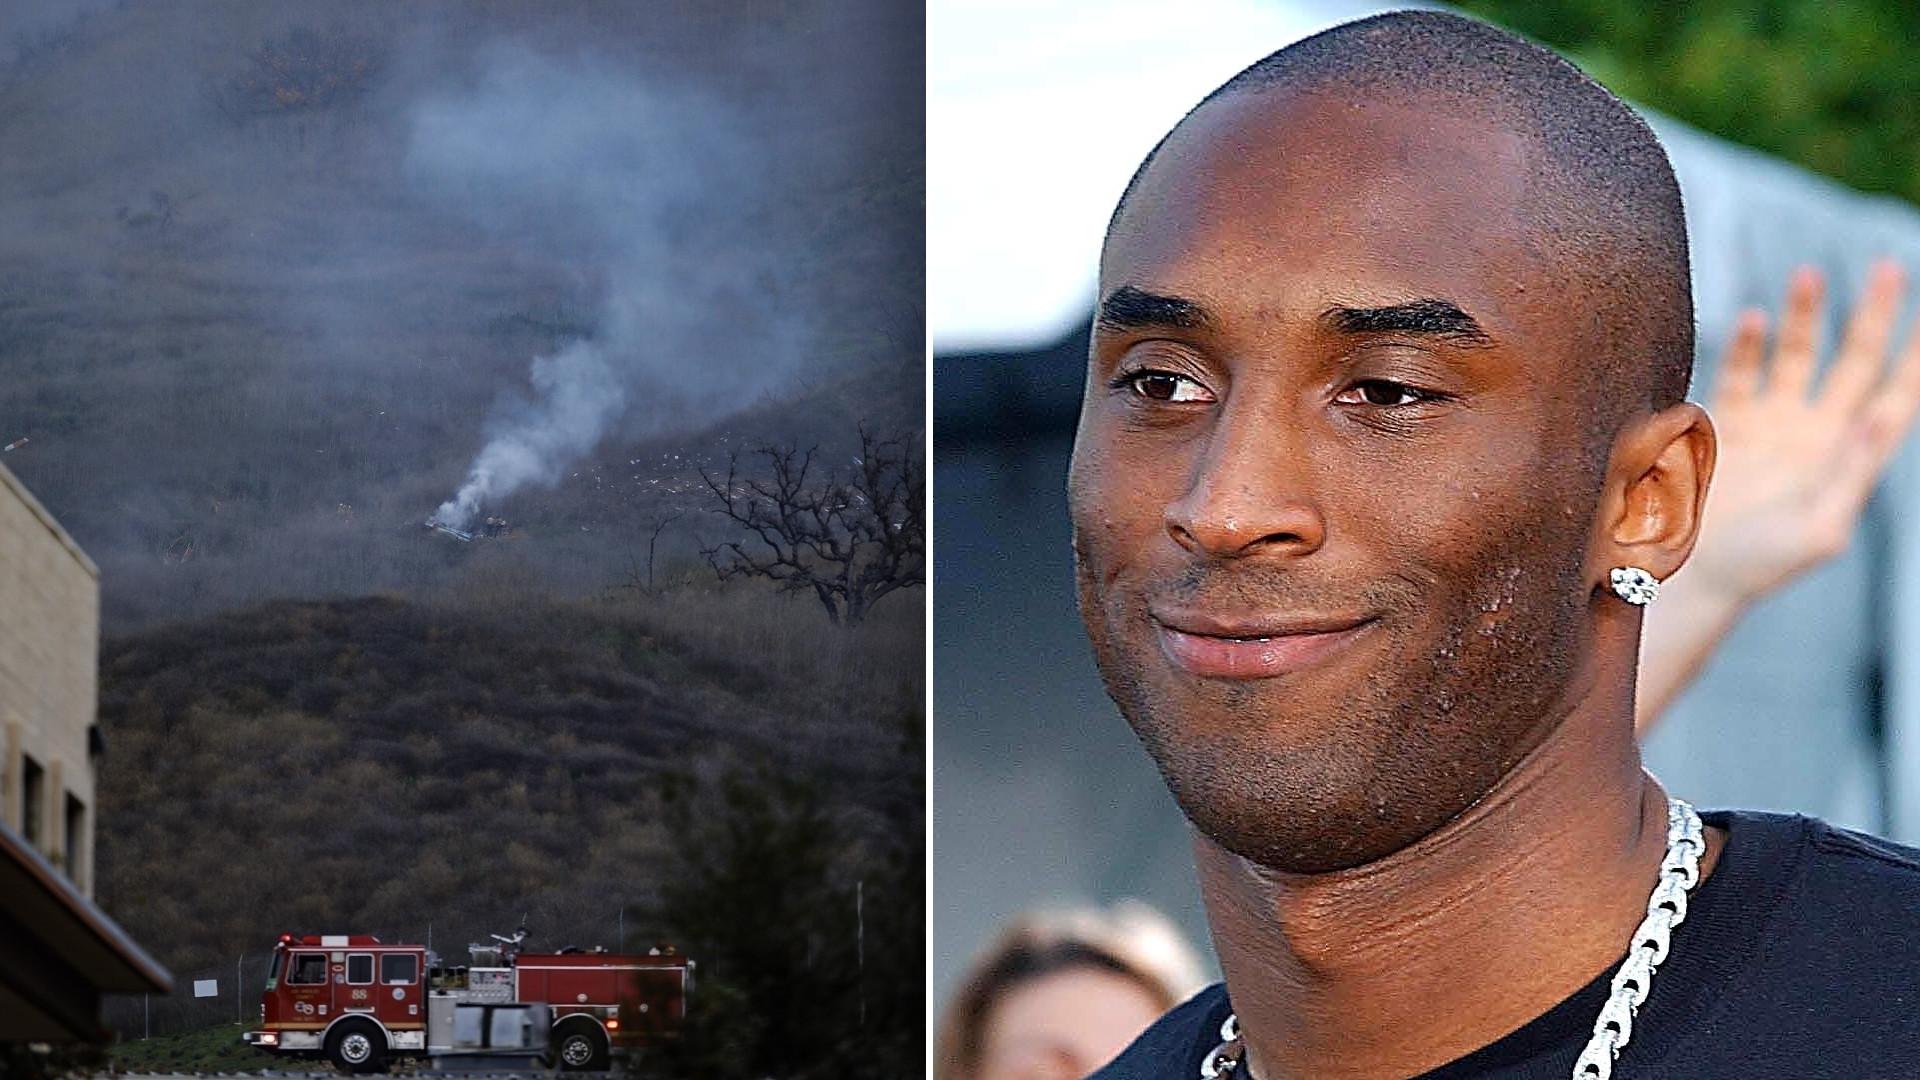 Kobe Bryant, gwiazda NBA, ZGINĄŁ w wypadku – jego helikopter rozbił się w pobliżu domu Kourtney Kardashian (ZDJĘCIE)